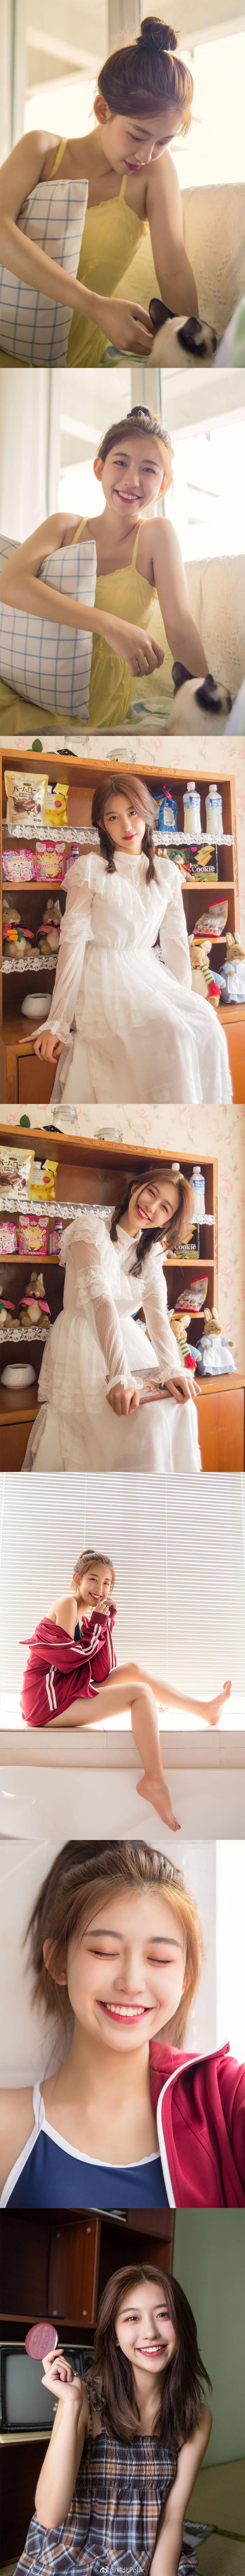 爱笑的女生,像是人间的天使插图6